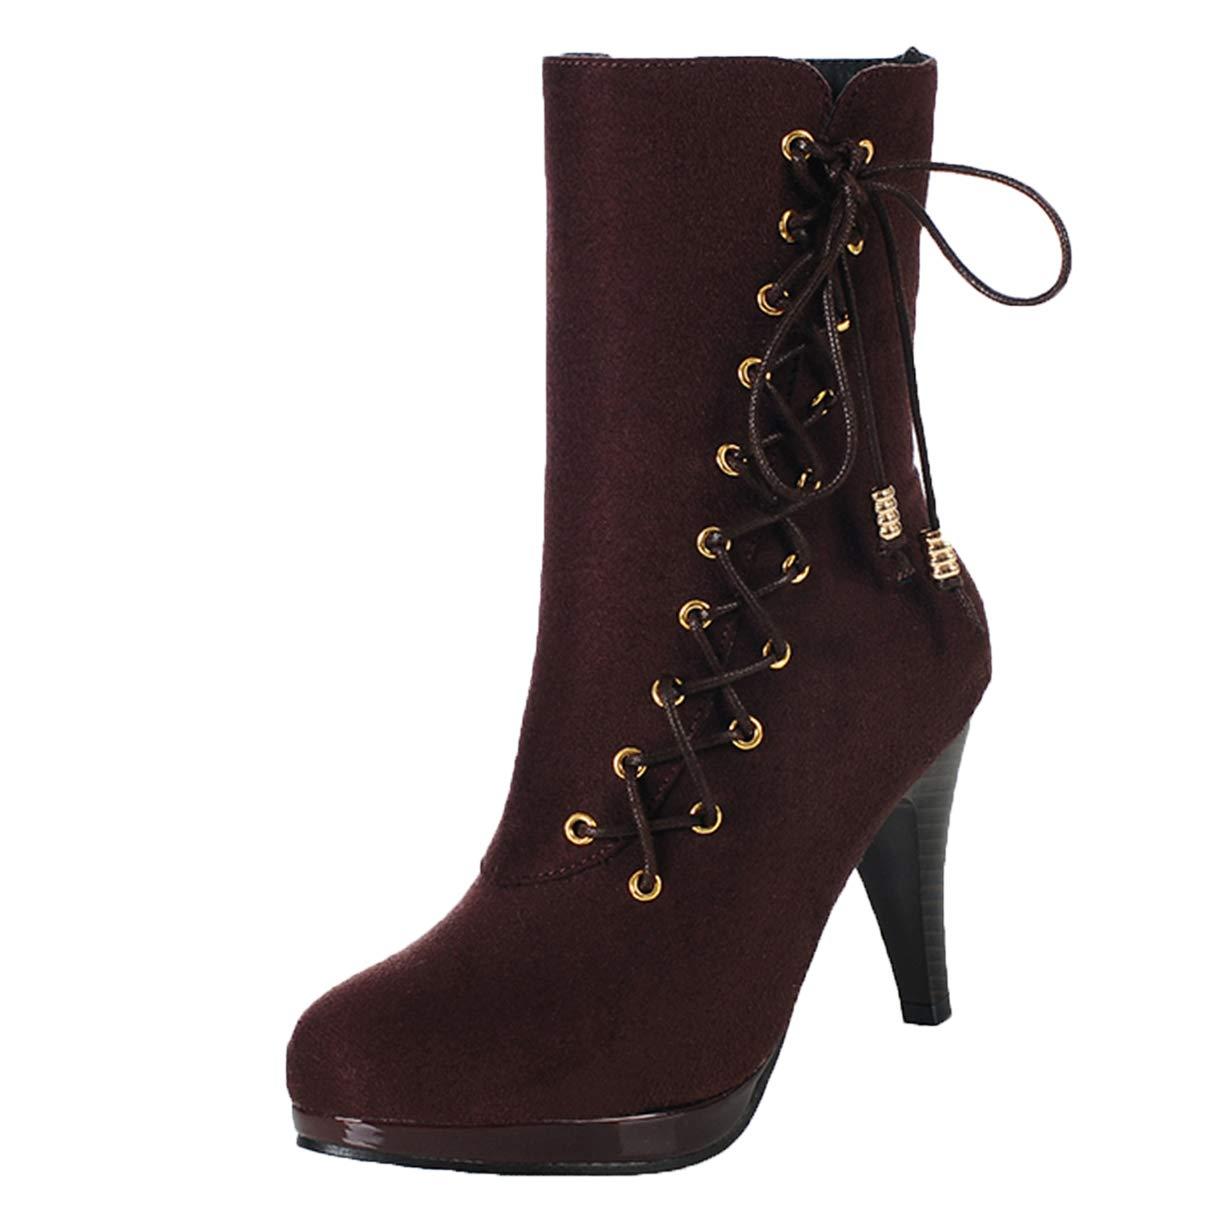 JYshoes , Bordeaux Femme Bottes Classiques , Femme Rouge Bordeaux 778e8e0 - reprogrammed.space